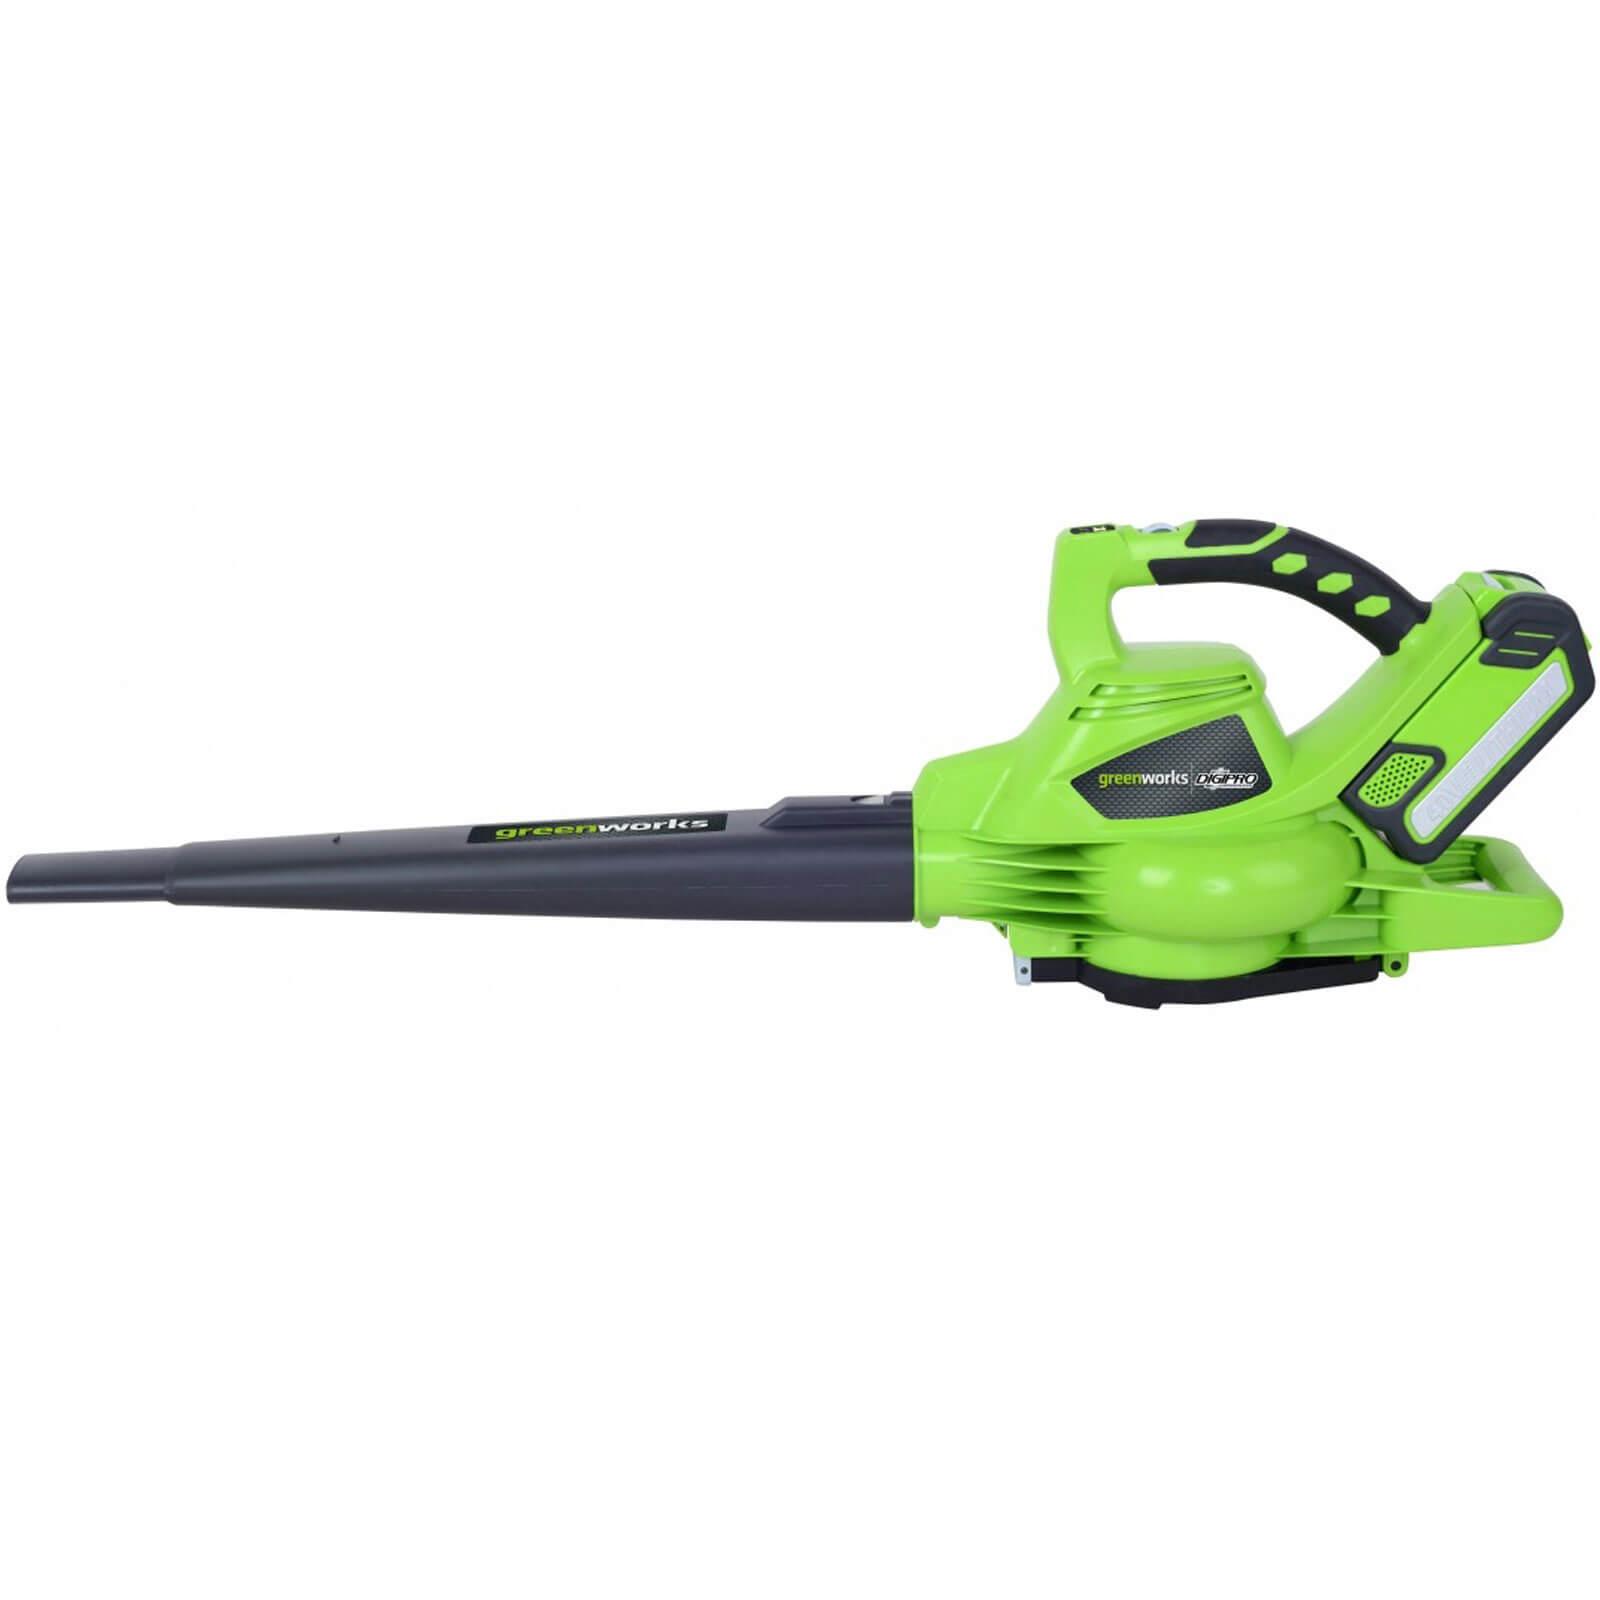 cheap garden vacuum blower best uk deals on garden tools